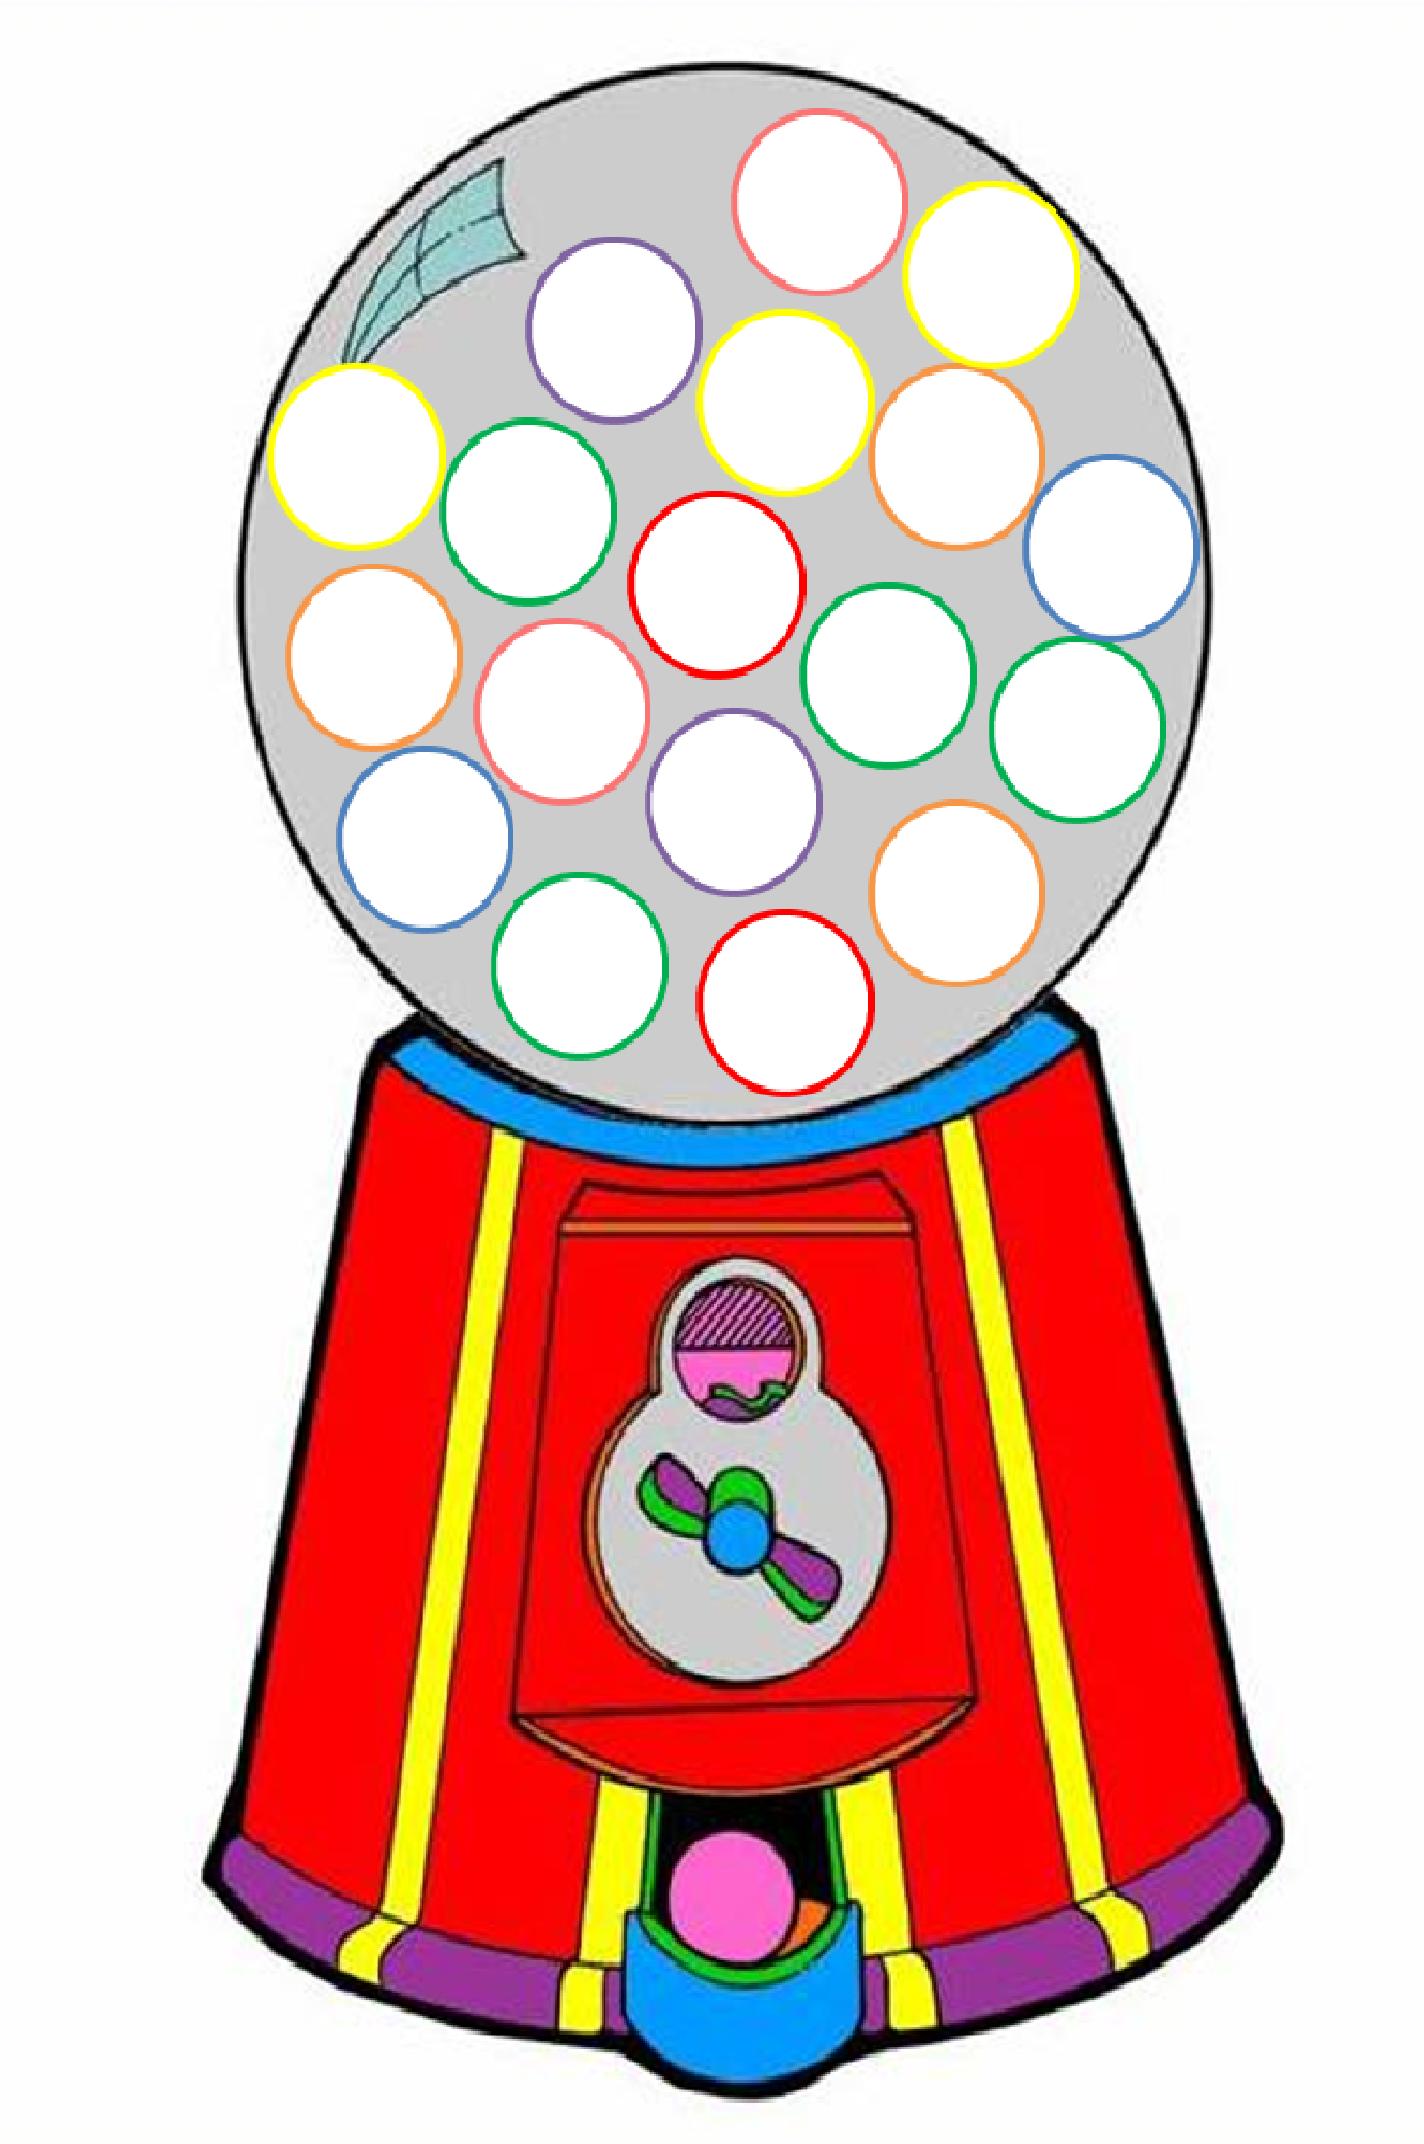 Free PNG Gumball Machine - 47405